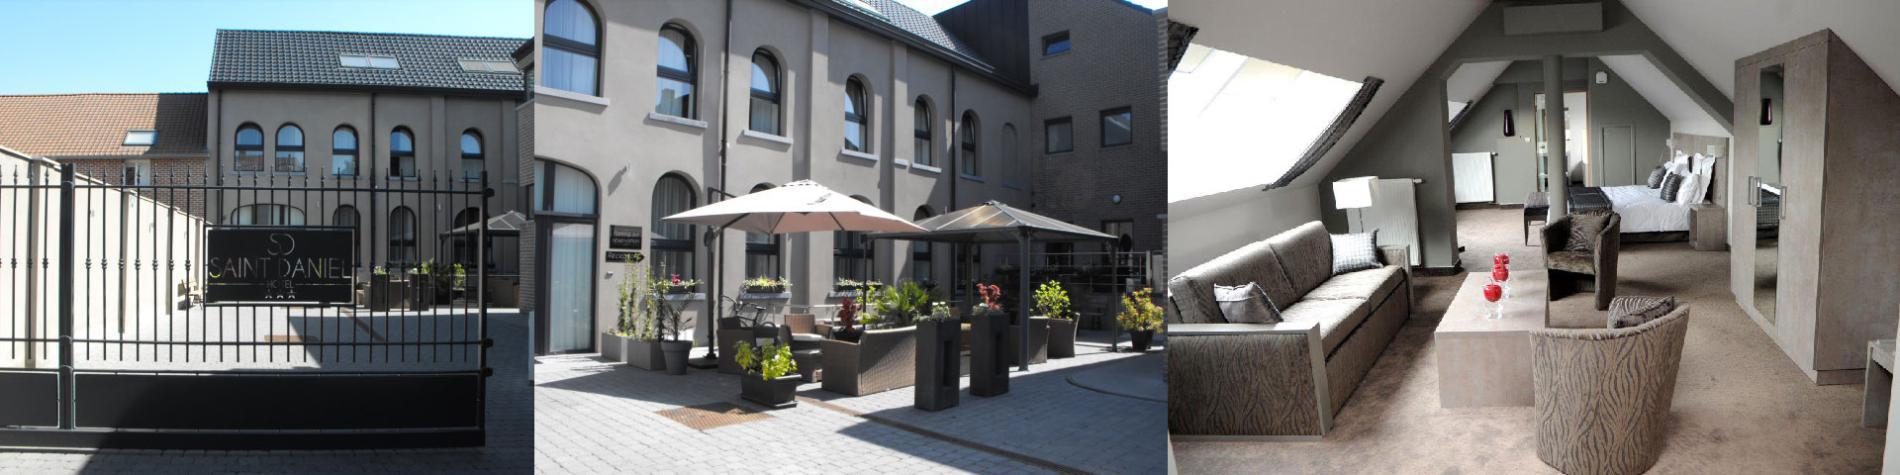 Hôtel - Saint Daniel - Péruwelz